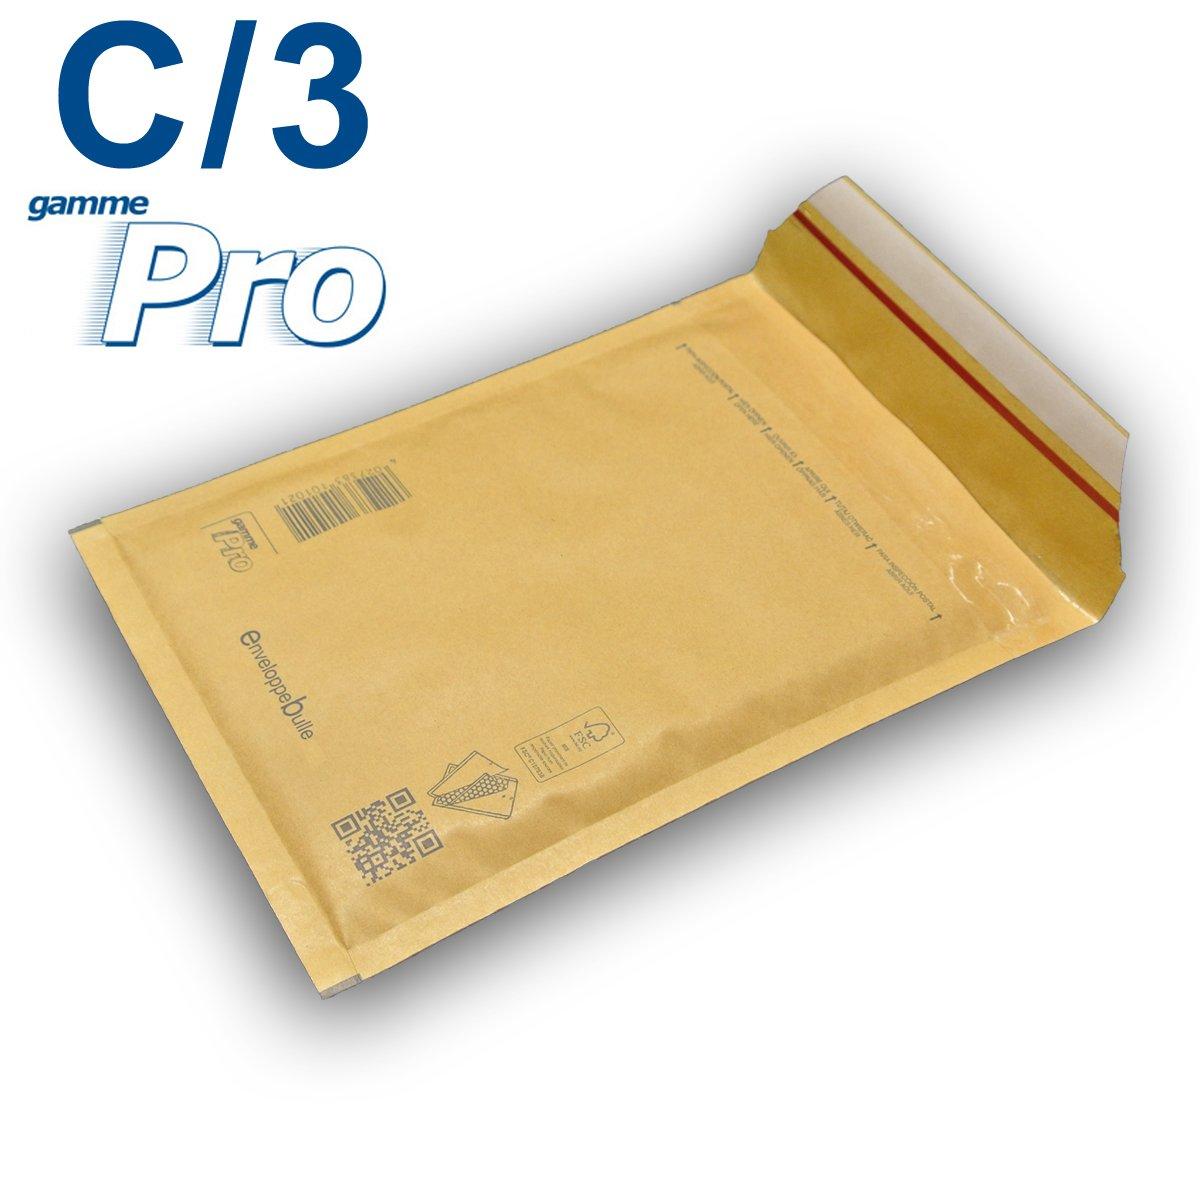 Lot de 100 enveloppes /à bulles *MARRON* gamme PRO C//3 format 140x215mm